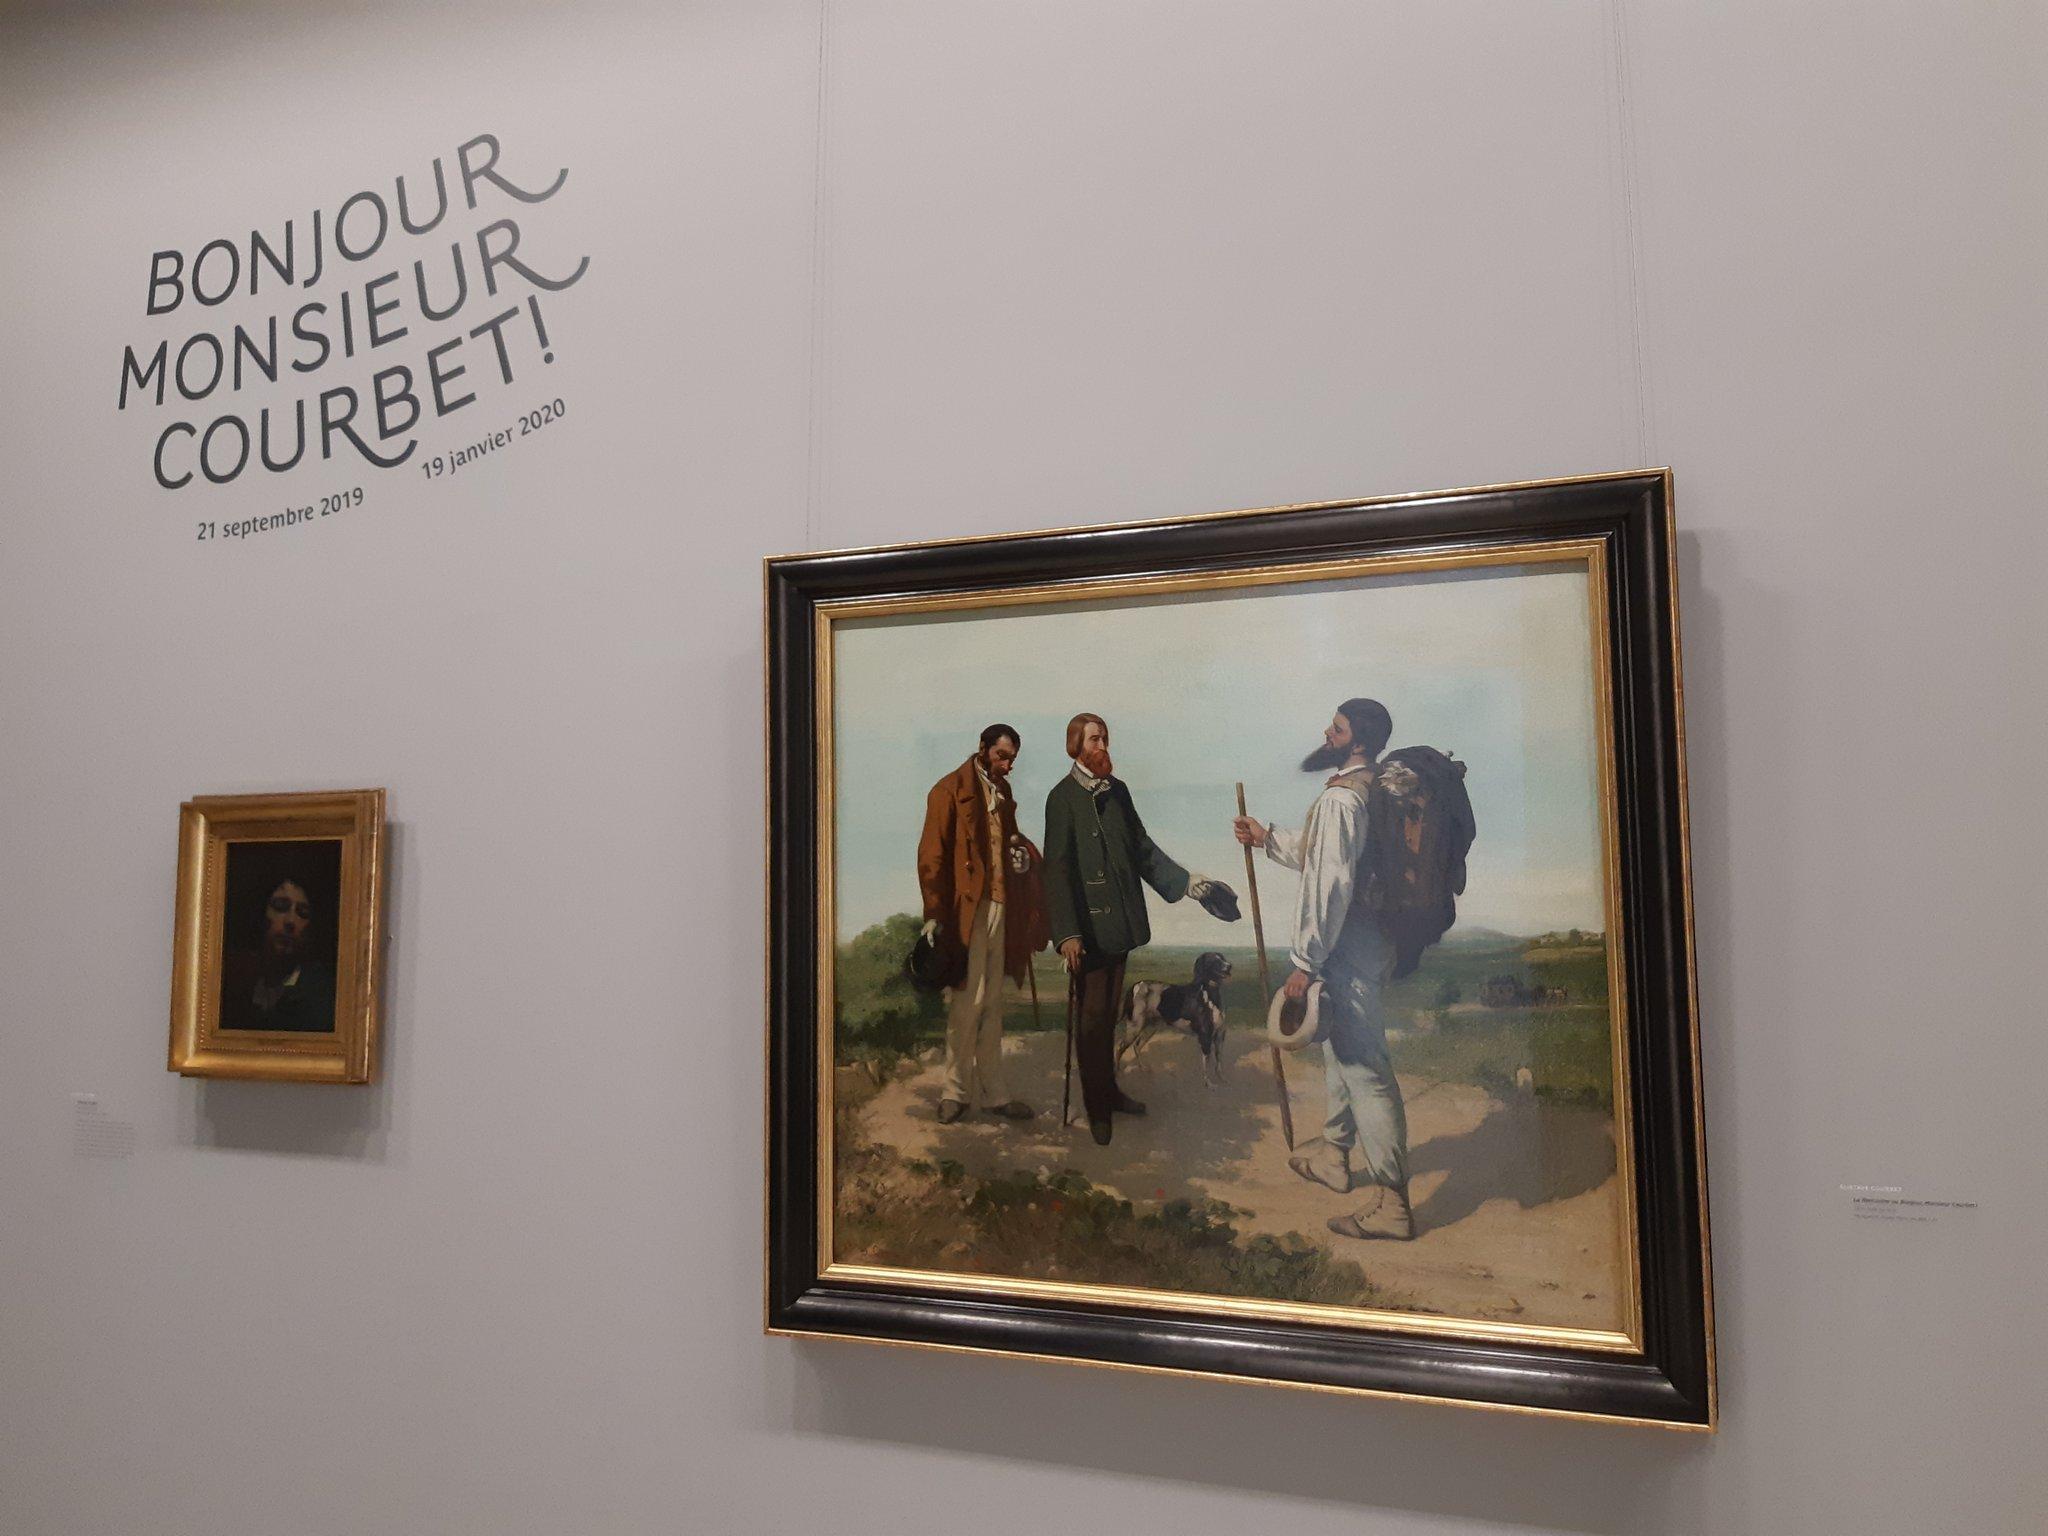 Les musées de Soumensac – L'histoire d'une rencontre avec Jacques et ses musées